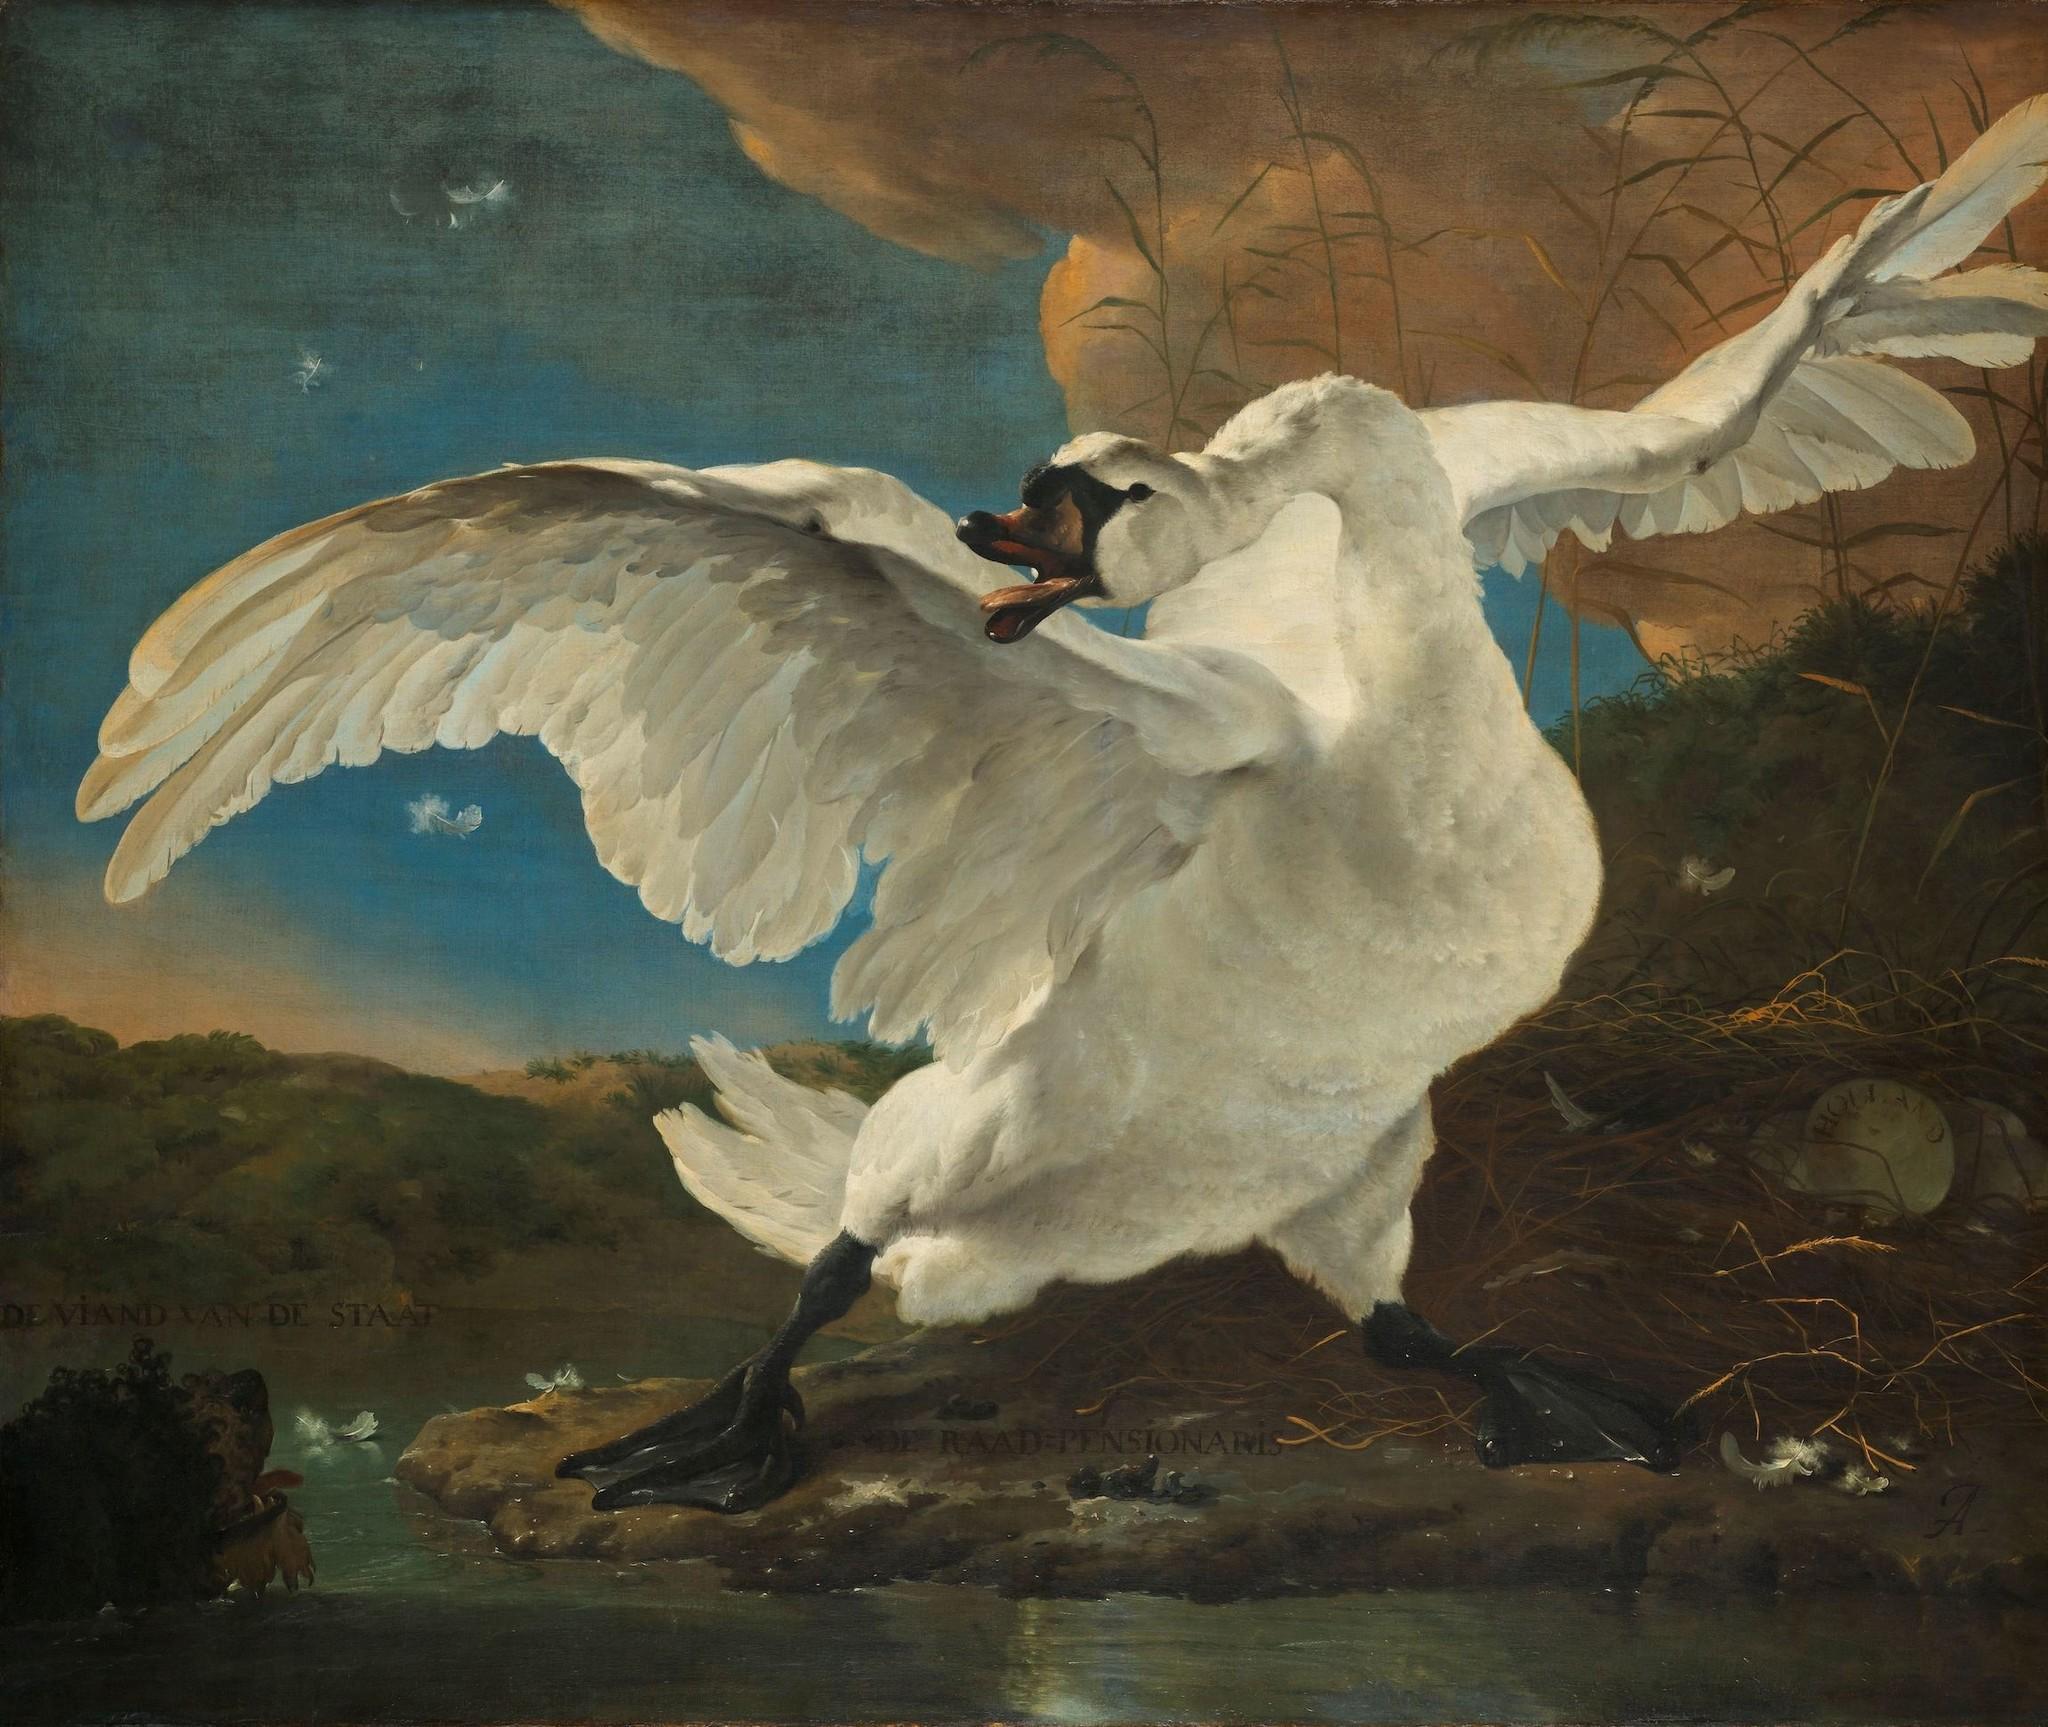 Schilderij - Jan Asselijn, De bedreigde zwaan, ca.1650, 70x60cm.